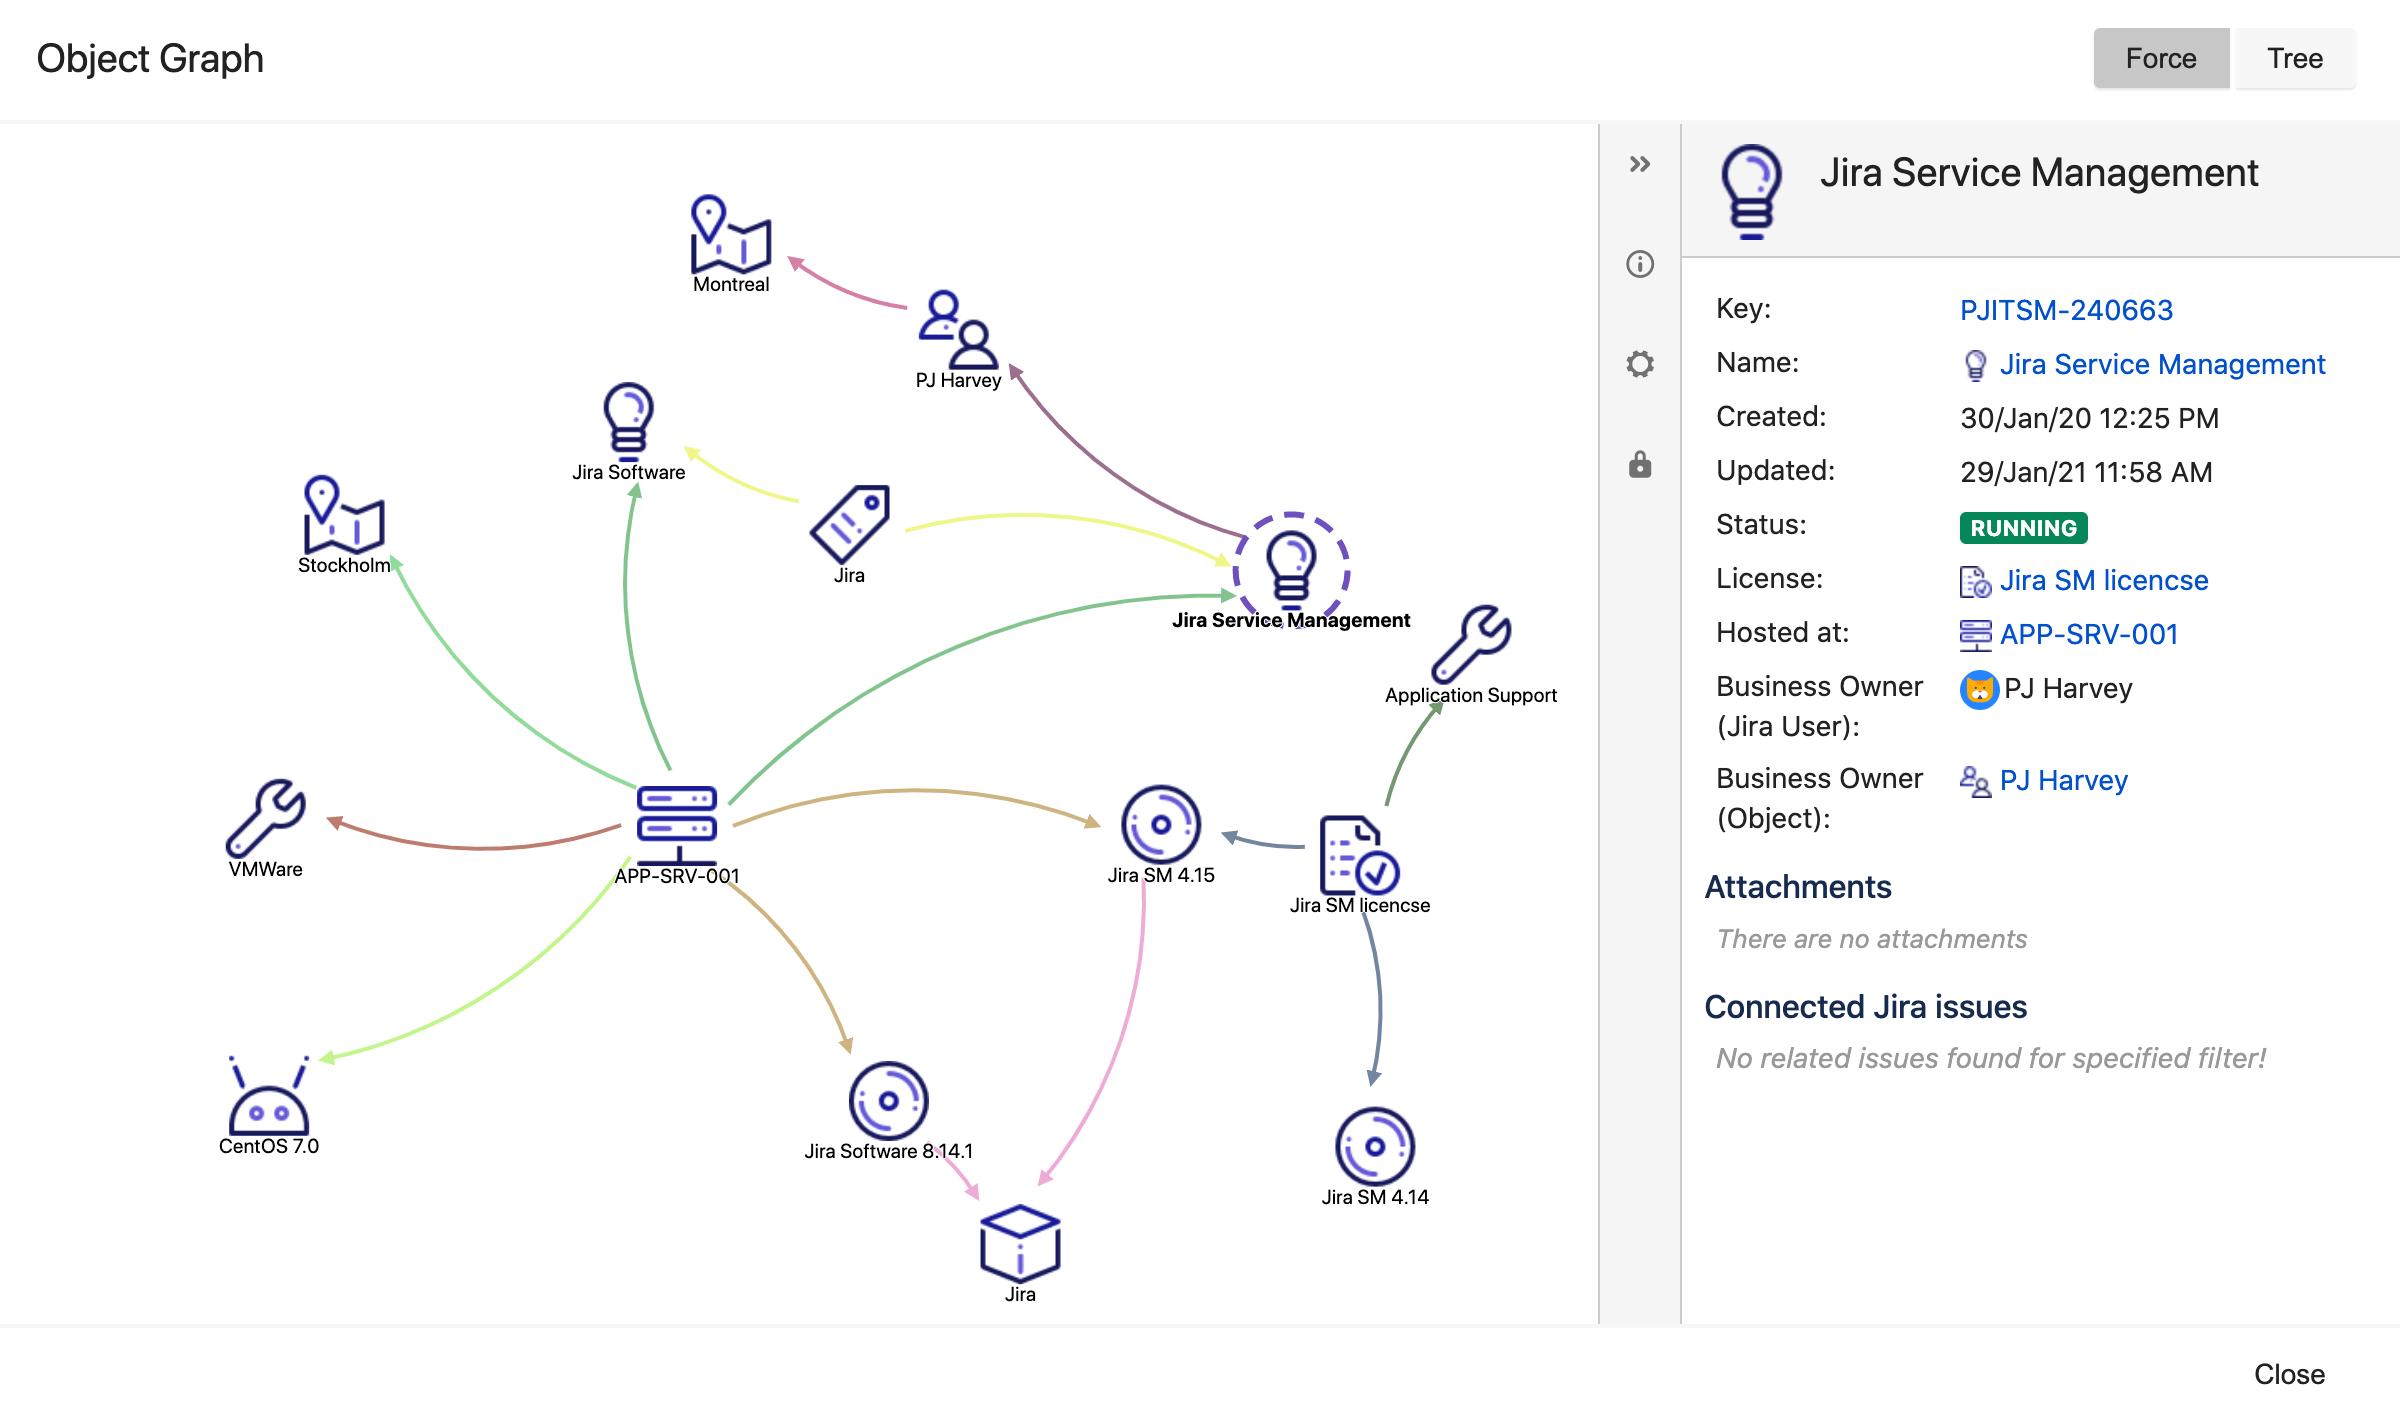 """Finestra del visualizzatore grafico di Insight per l'oggetto """"Jira Service Management"""". Mostra le dipendenze, ad esempio gli host in cui si trova, il suo sistema operativo, le diverse versioni di Jira che richiede e la licenza."""